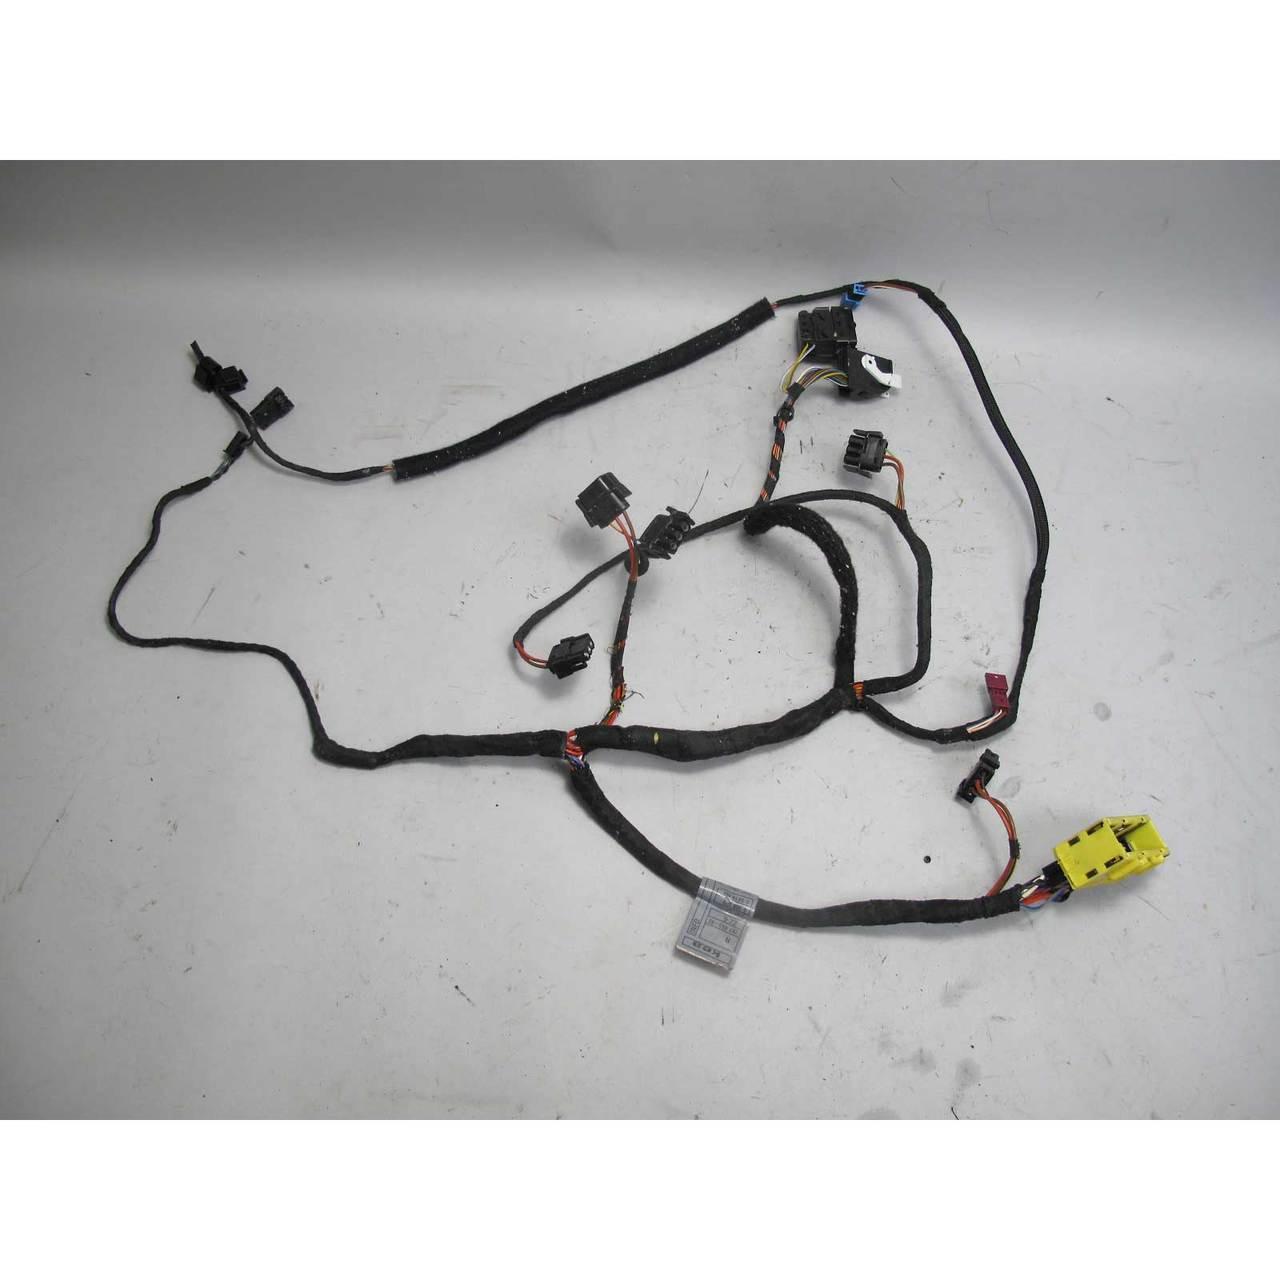 Astounding E39 Seat Wiring Harness Basic Electronics Wiring Diagram Wiring Database Wedabyuccorg